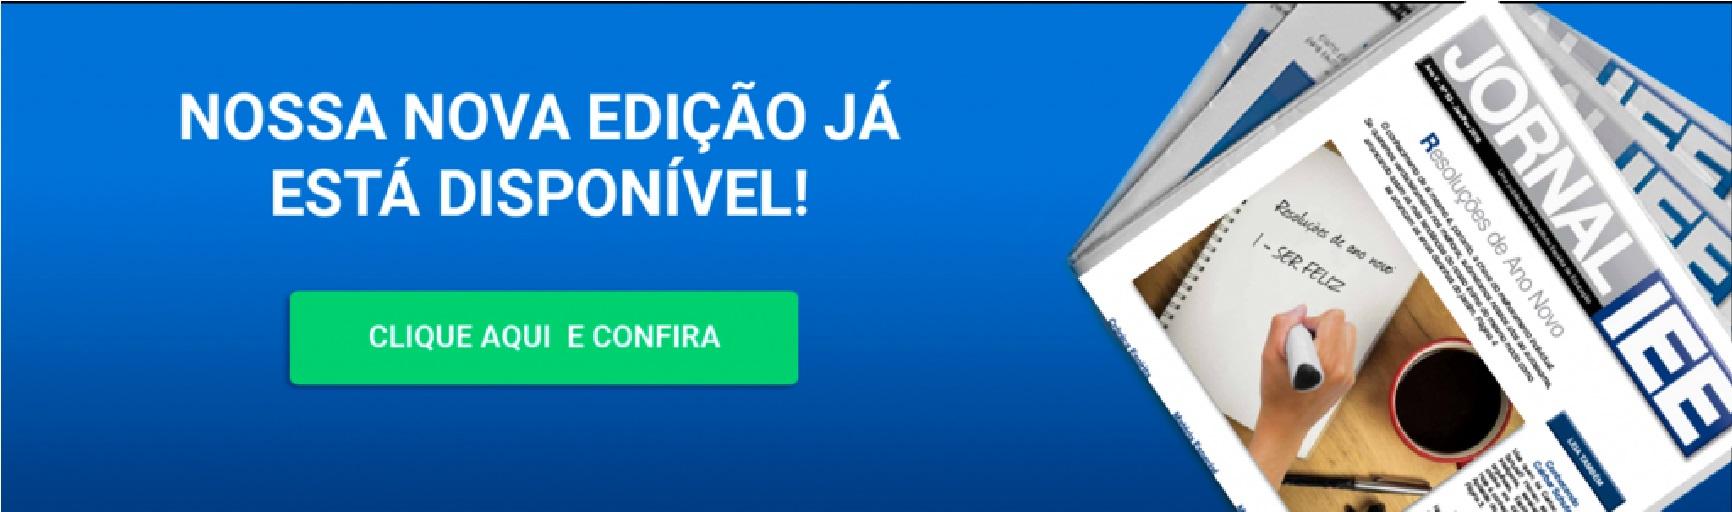 banner_jornal_disp